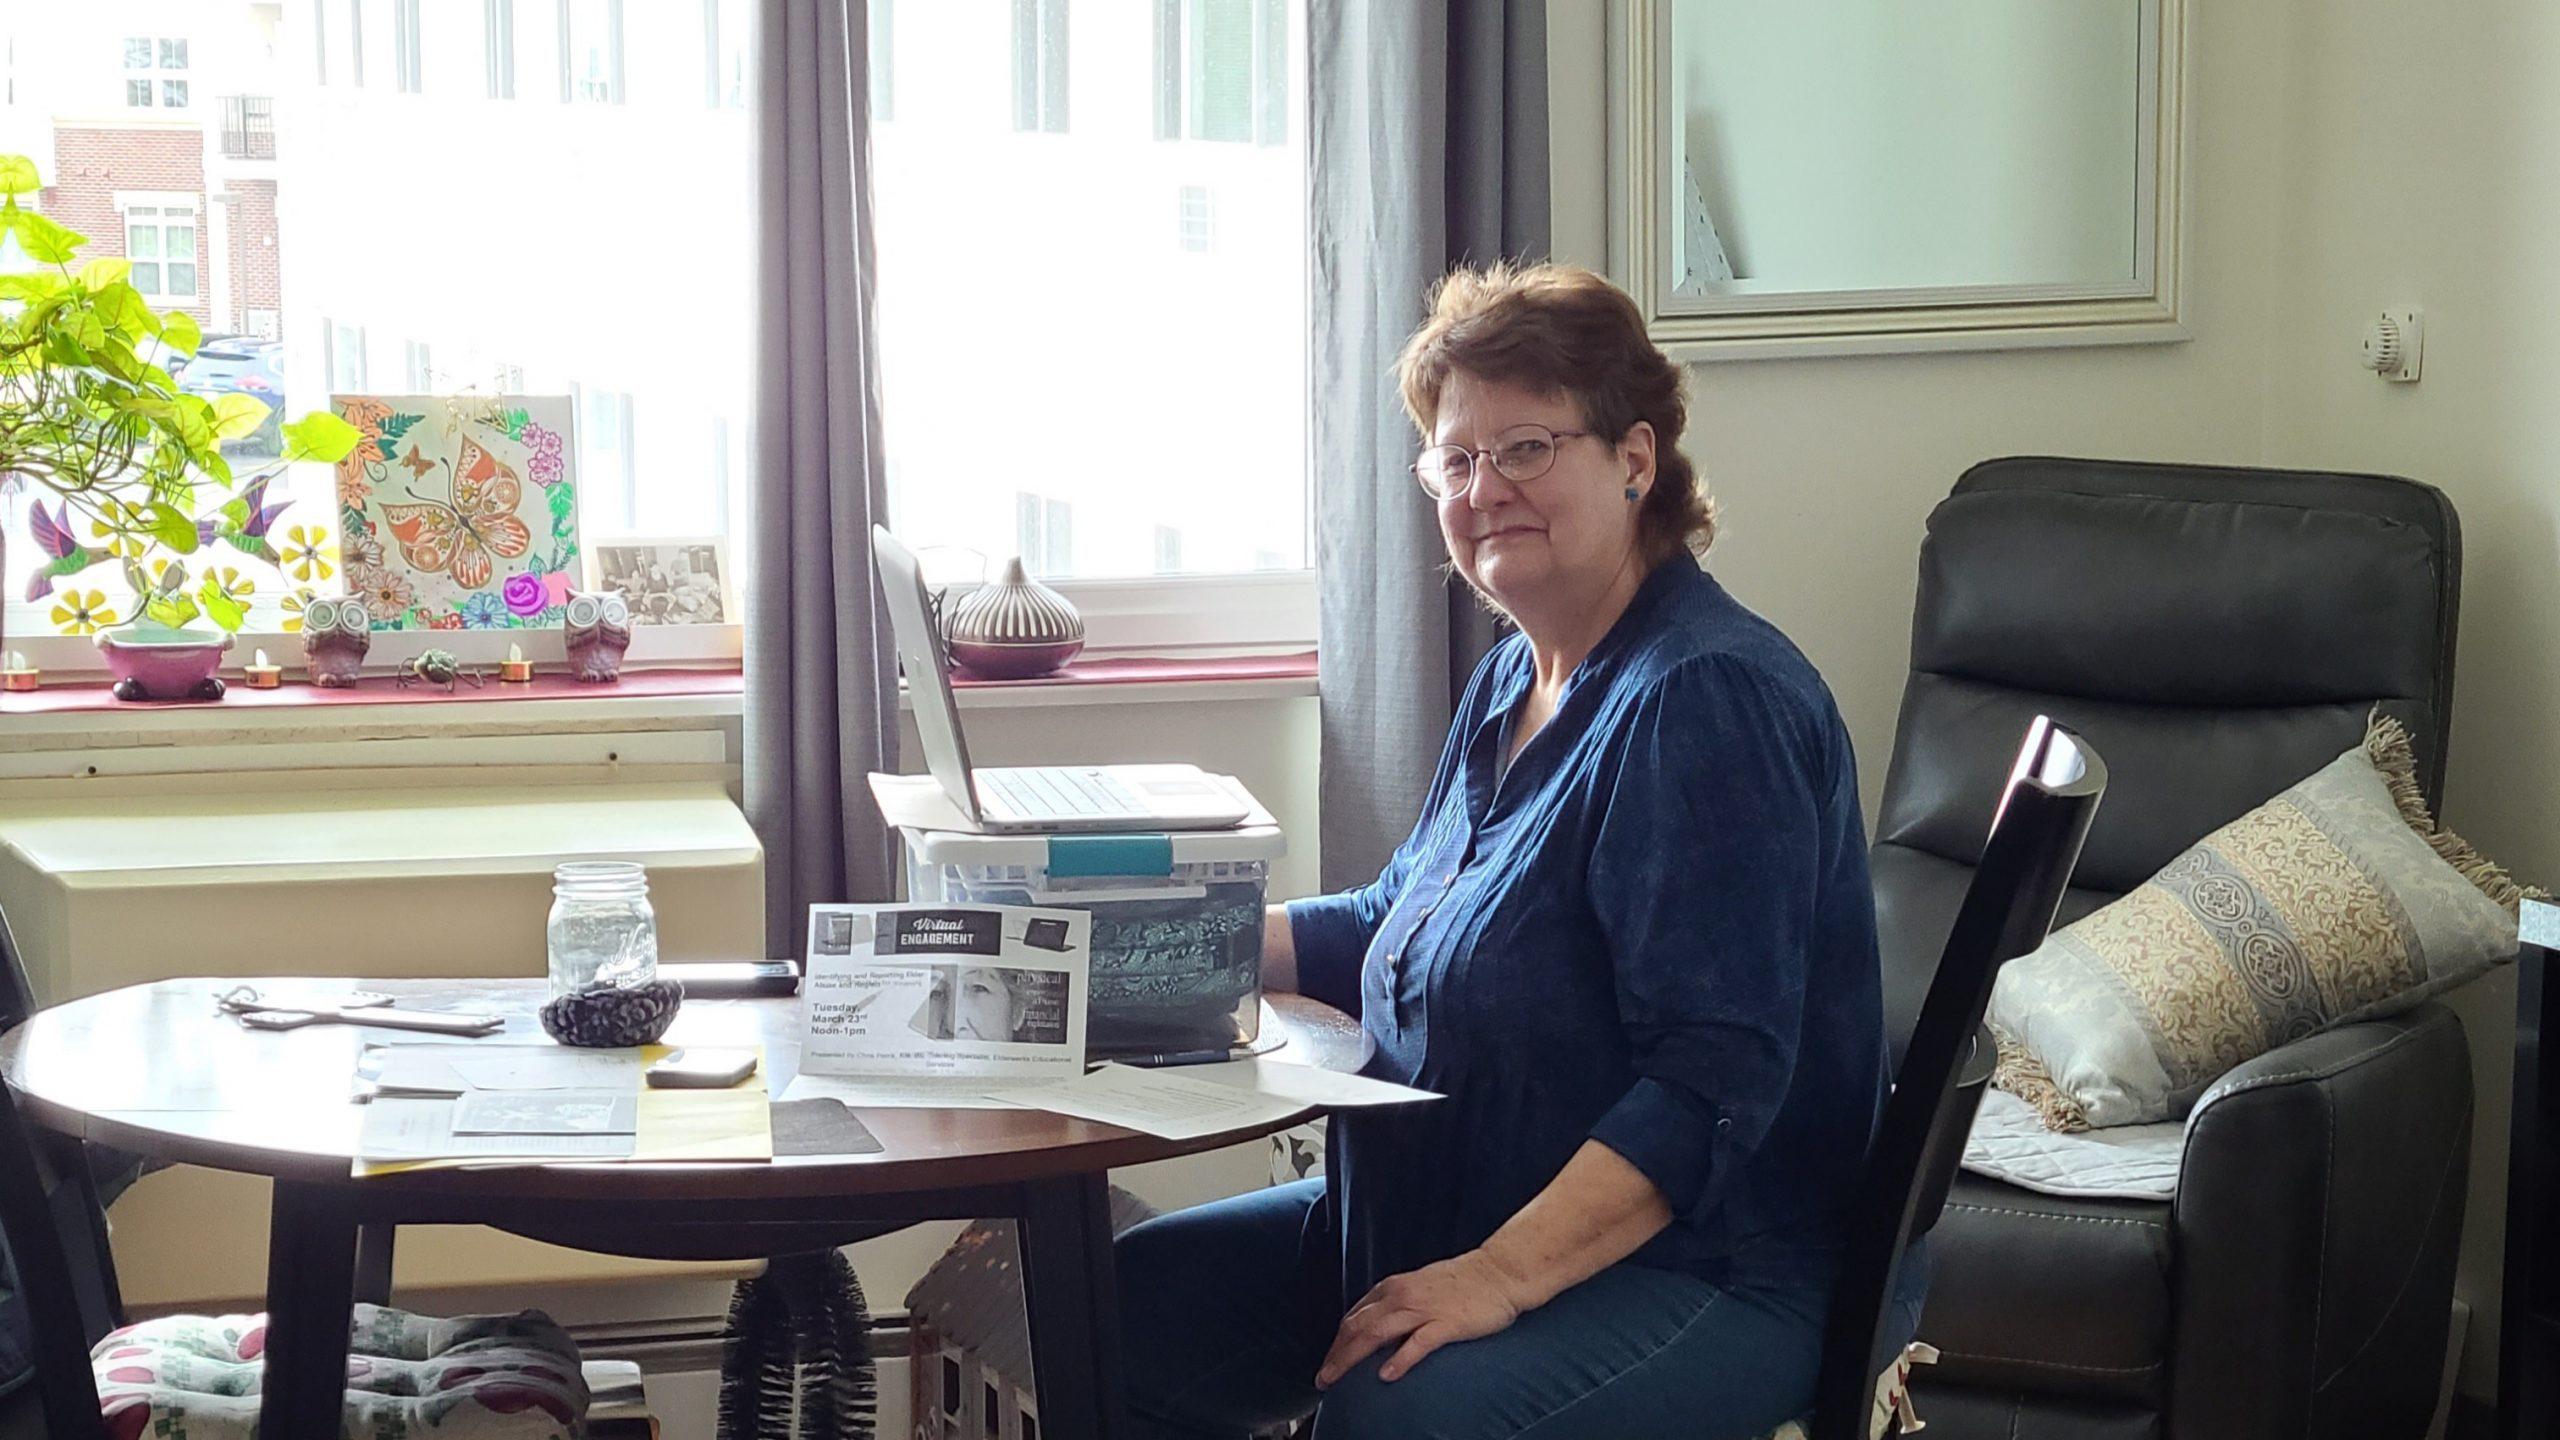 resident josephine at her desk